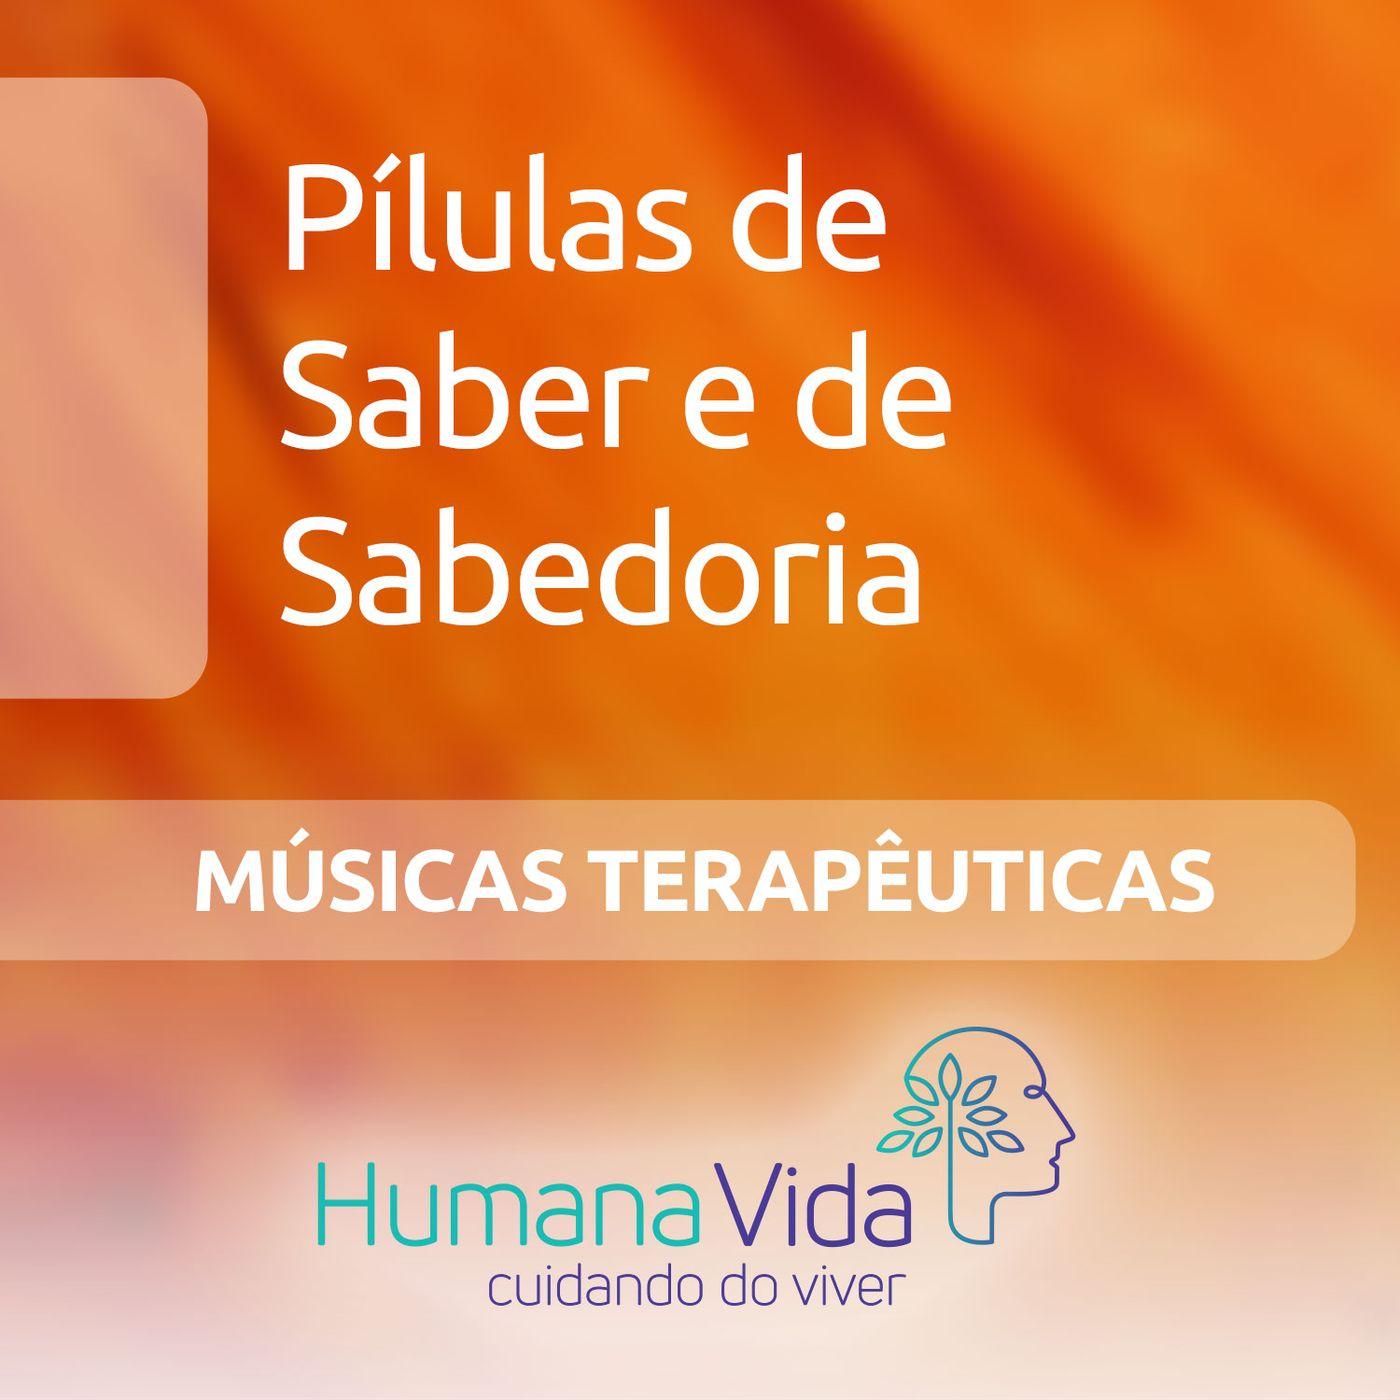 EP25 - Músicas terapêuticas - Viagem